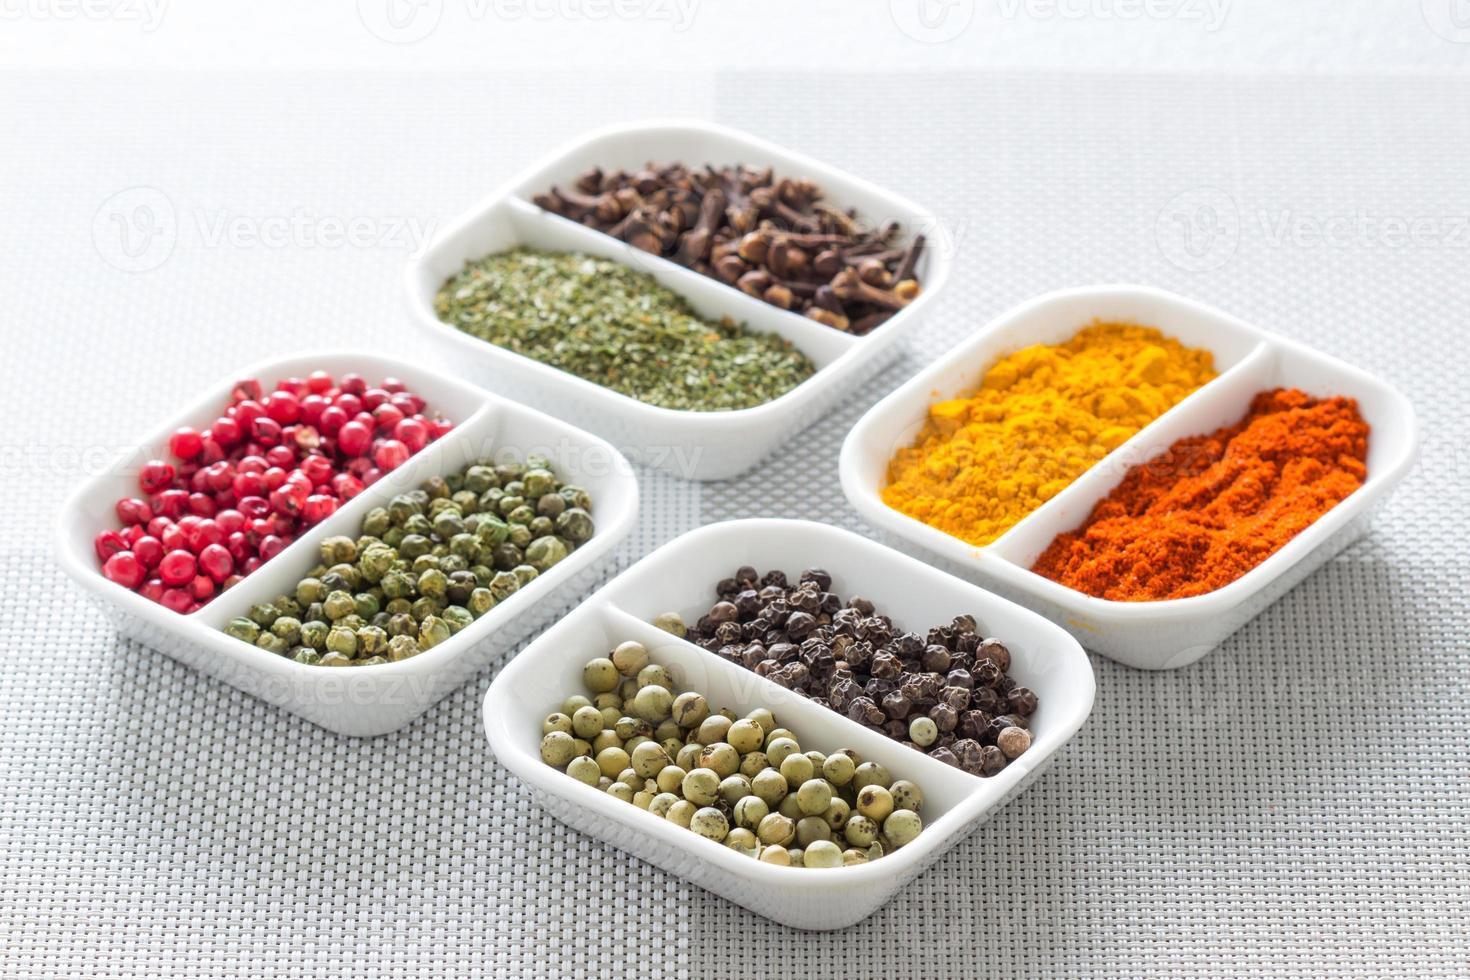 herbes colorées, épices et ingrédients aromatiques sur table moderne. photo